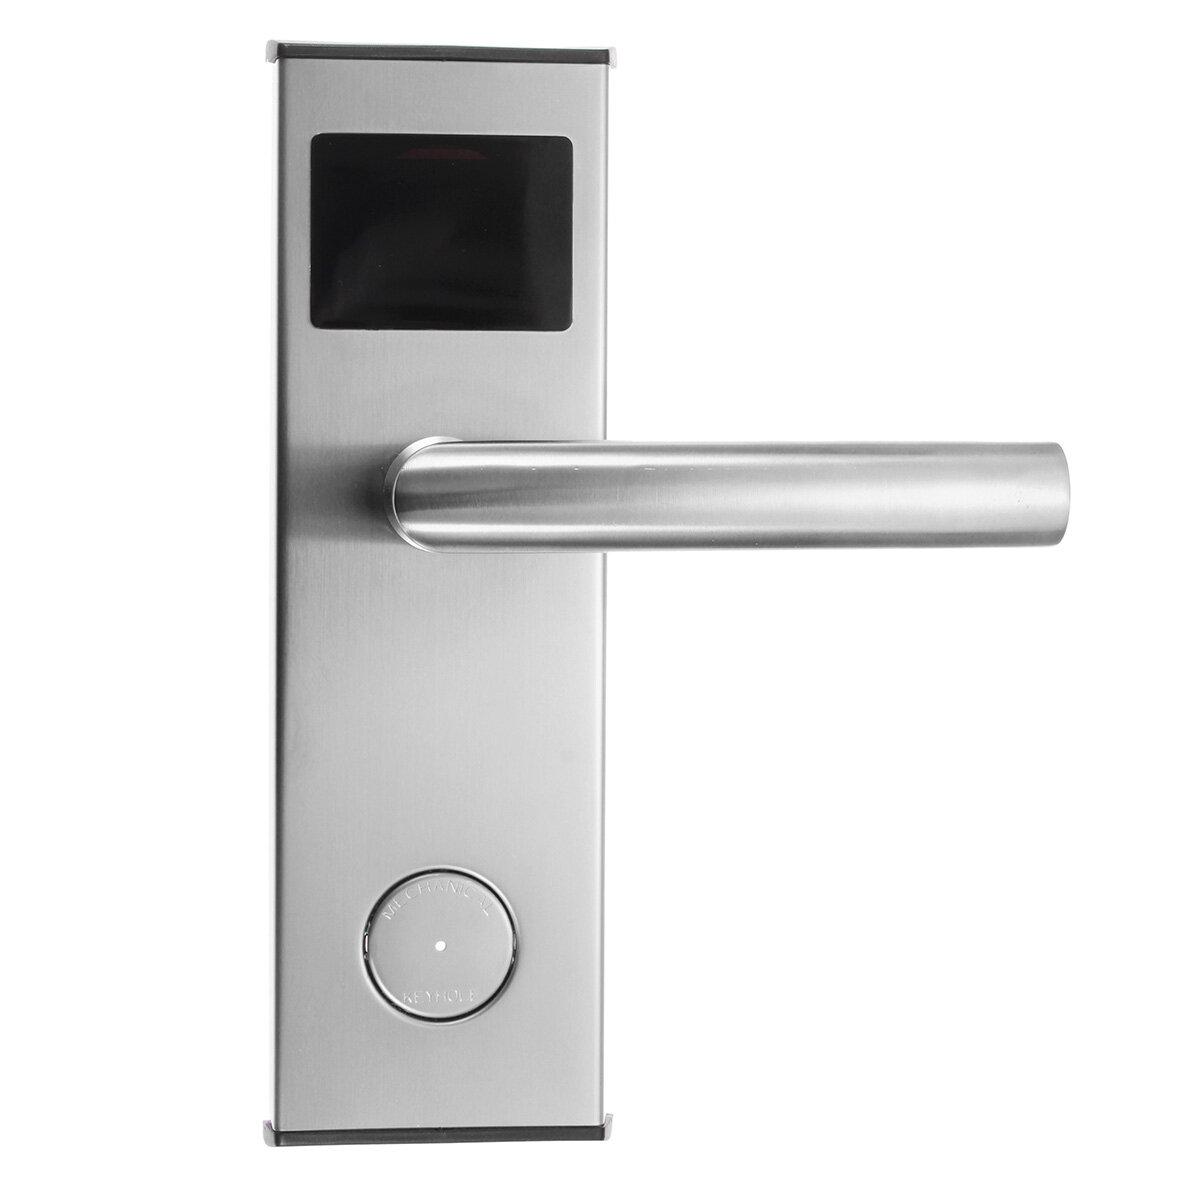 Système intelligent de serrure de porte d'hôtel de clé de carte numérique de serrure de l'acier inoxydable RFID